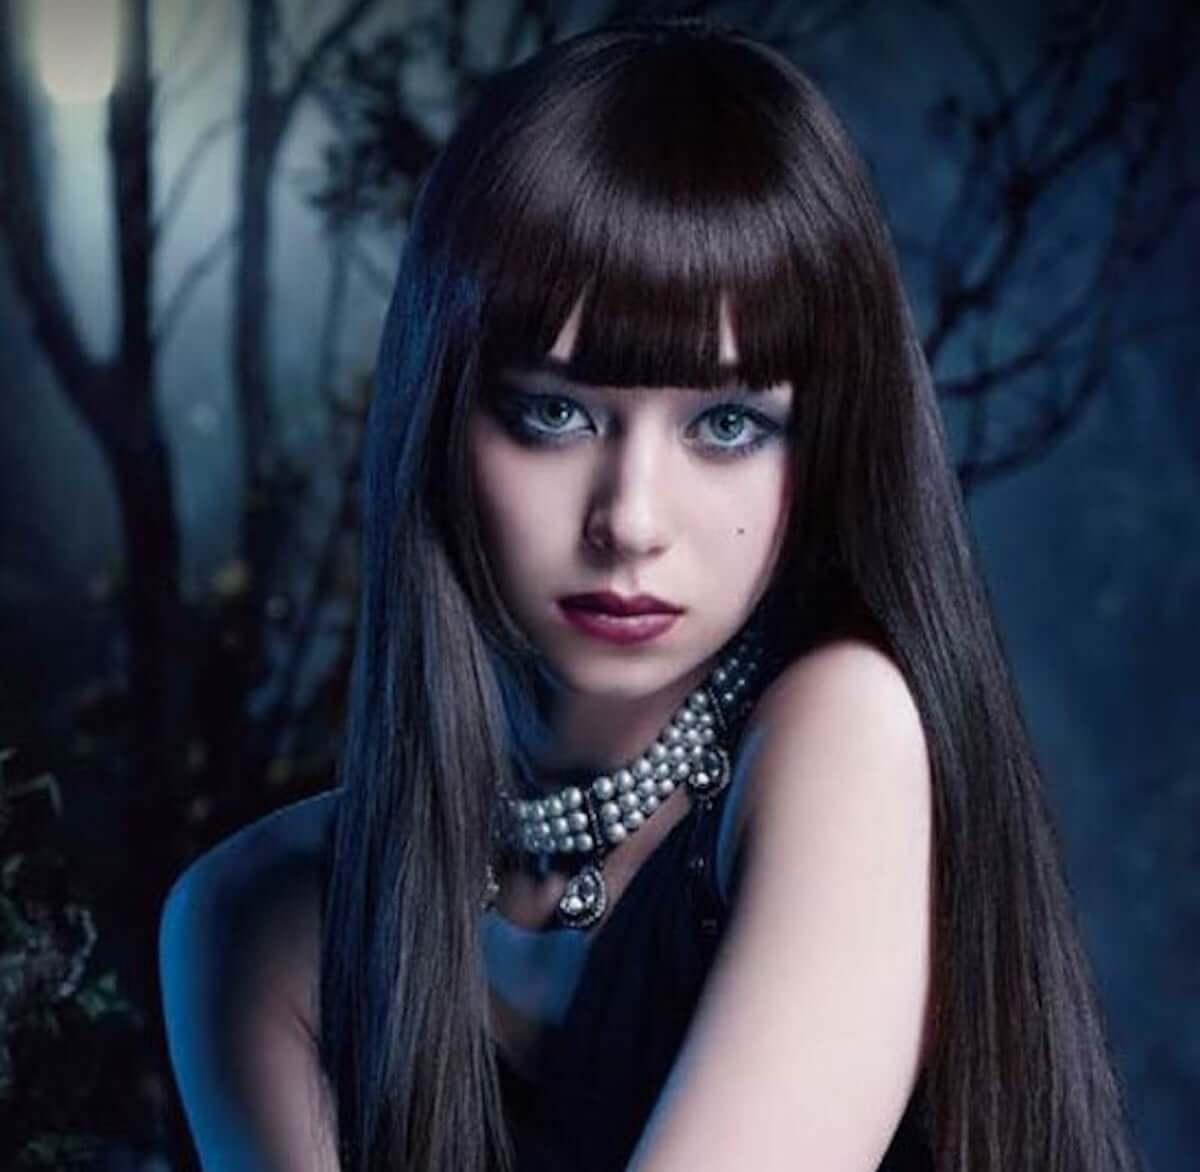 ハロウィンメイク|簡単でかわいい本格的なヴァンパイアメイクの方法が大公開! fashion181015_halloween-makeup-kate_6-1200x1172